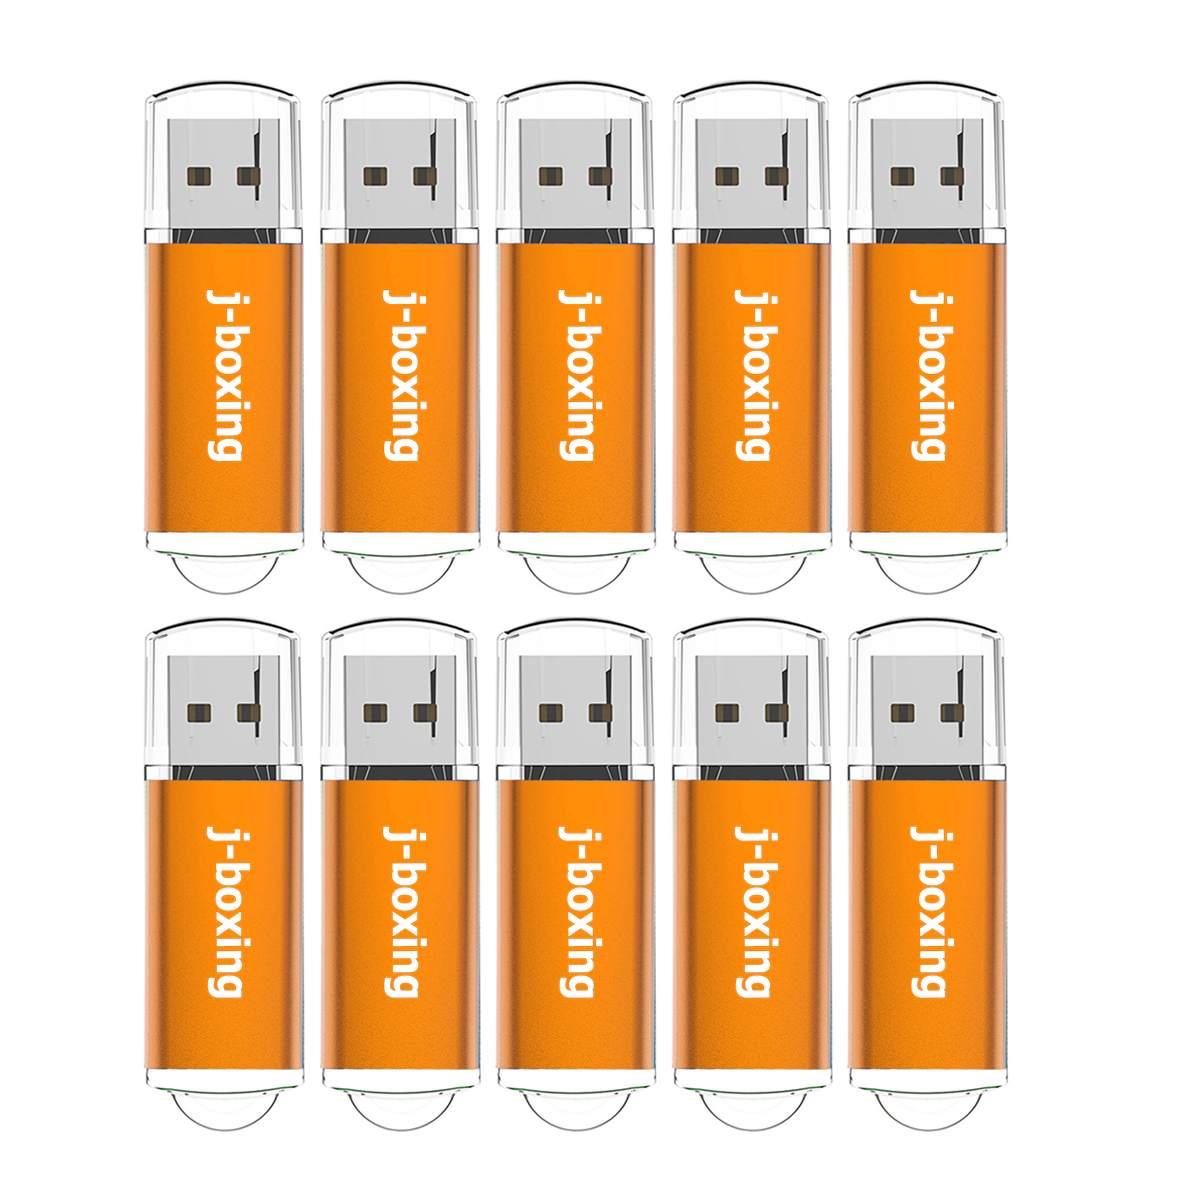 J-boxing 10PCS USB Flash Drive Bulk 64MB 128MB 256MB 512MB Small Cacapity Thumb Drive Jump Drive Memory Stick Pen Drives Orange